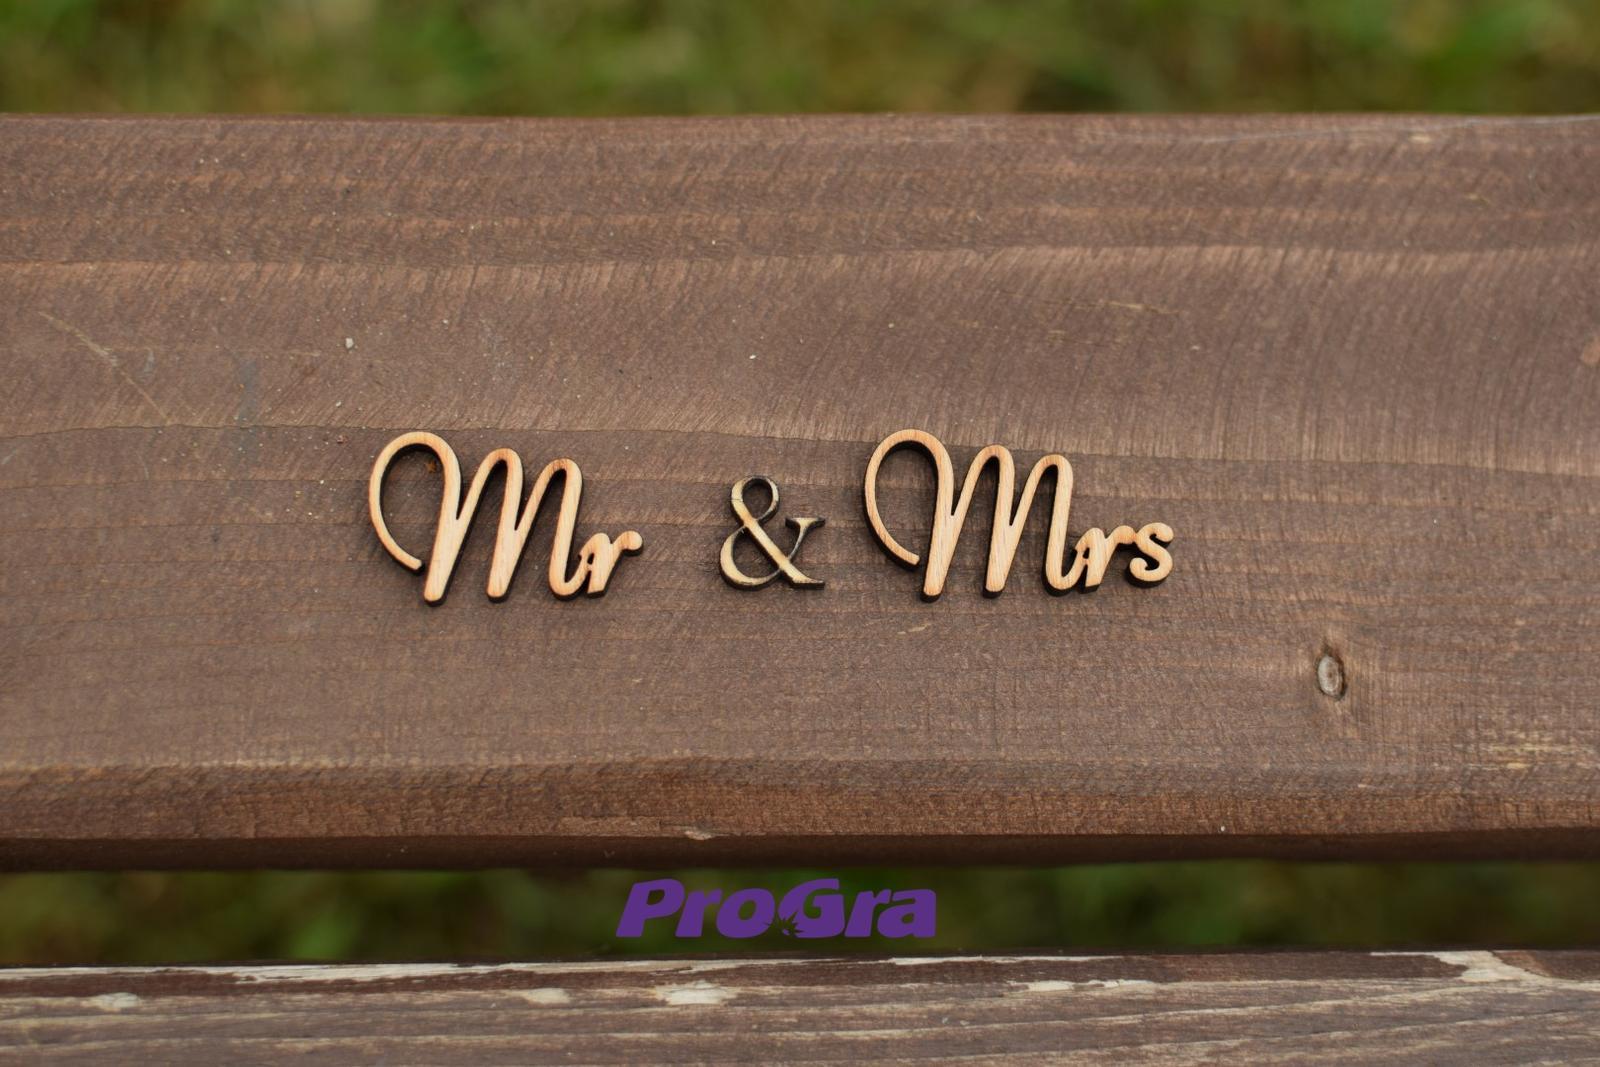 Detaily pre Váš svadobný deň - Mr & Mrs - vyrezávaný nápis MINI